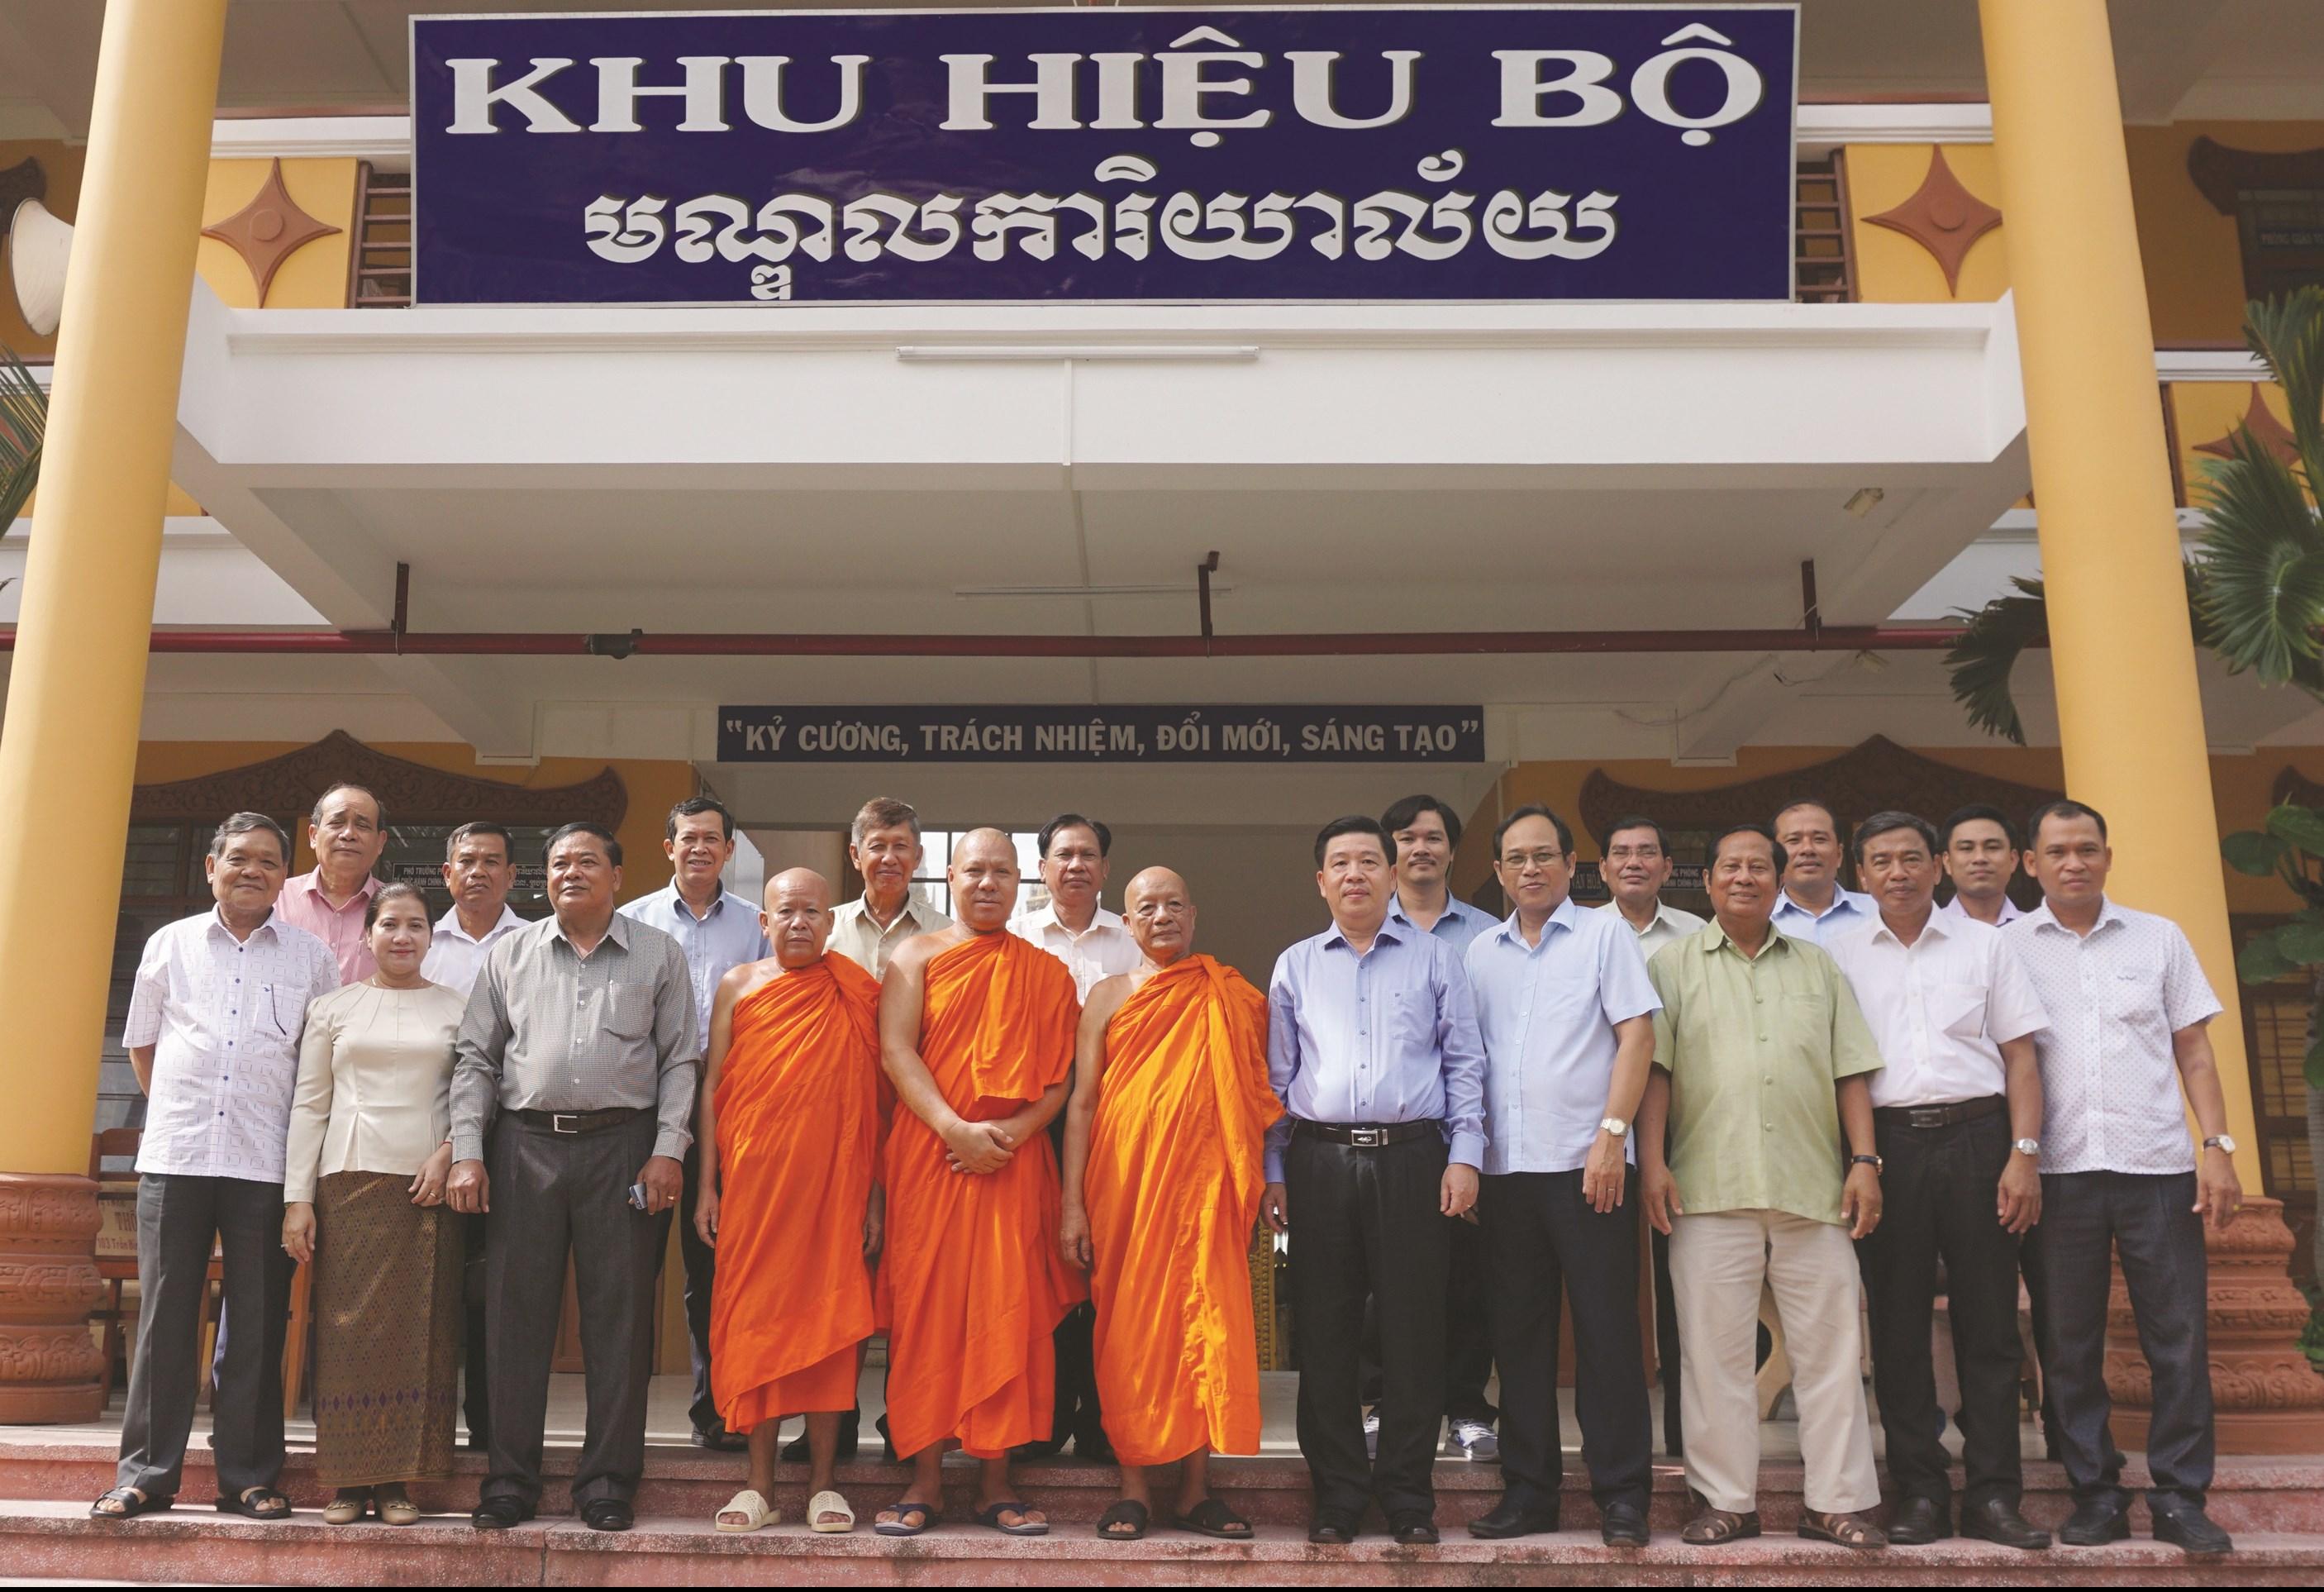 Thứ trưởng, Phó Chủ nhiệm Lê Sơn Hải chụp ảnh lưu niệm cùng Hội đoàn kết sư sãi yêu nước và Ban Giám hiệu trường Bổ túc văn hoá Pali trung cấp Nam Bộ